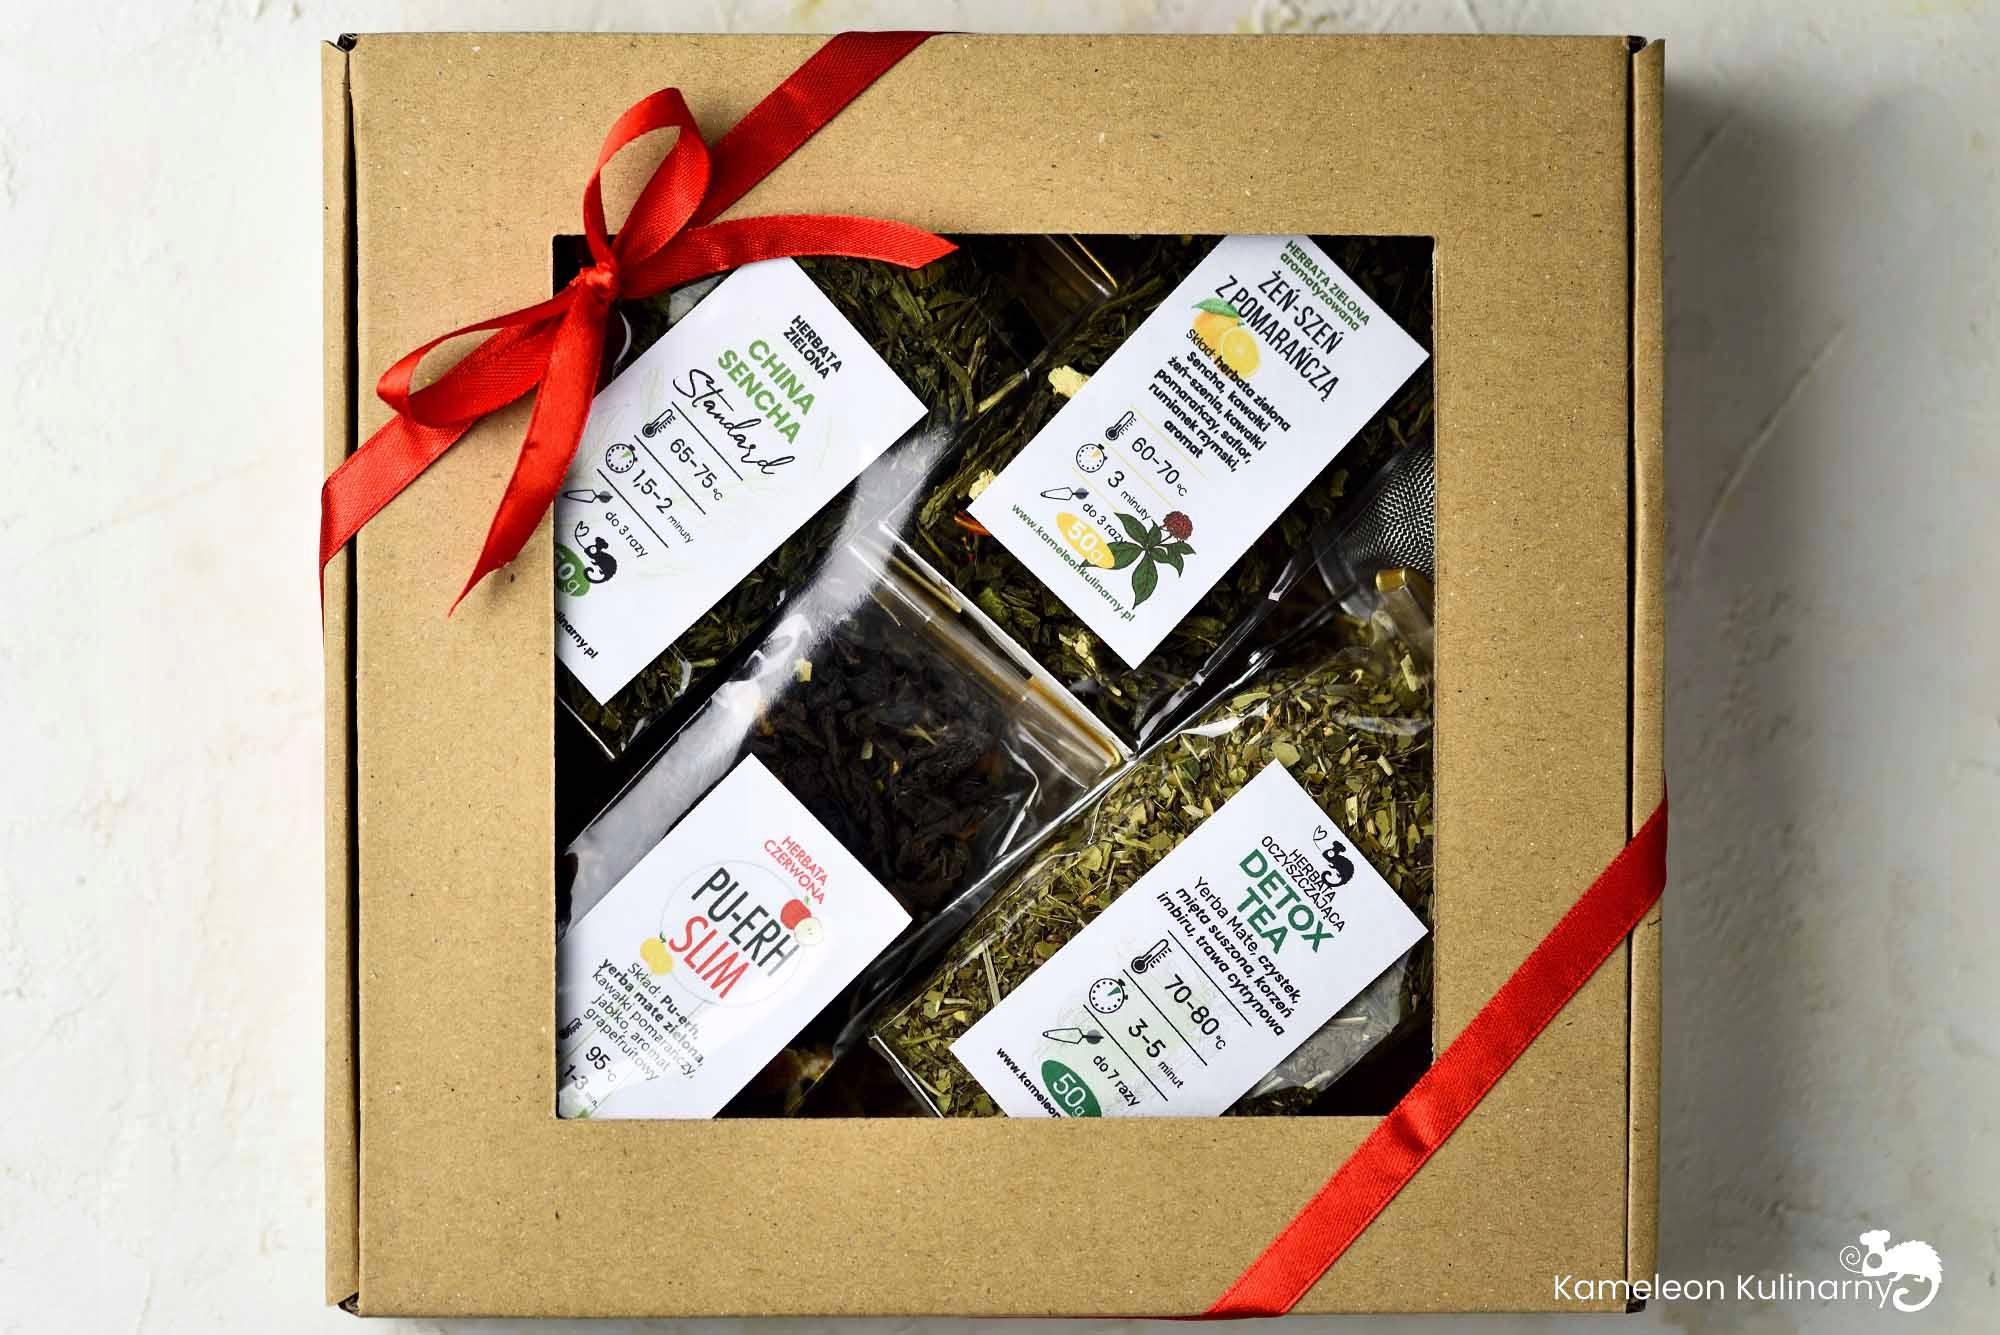 ZESTAW PREZENTOWY na prezent 4 herbaty i zaparzacz Kod producenta ZESTAW PREZENTOWY zdrowe herbatki NA ZDROWIE